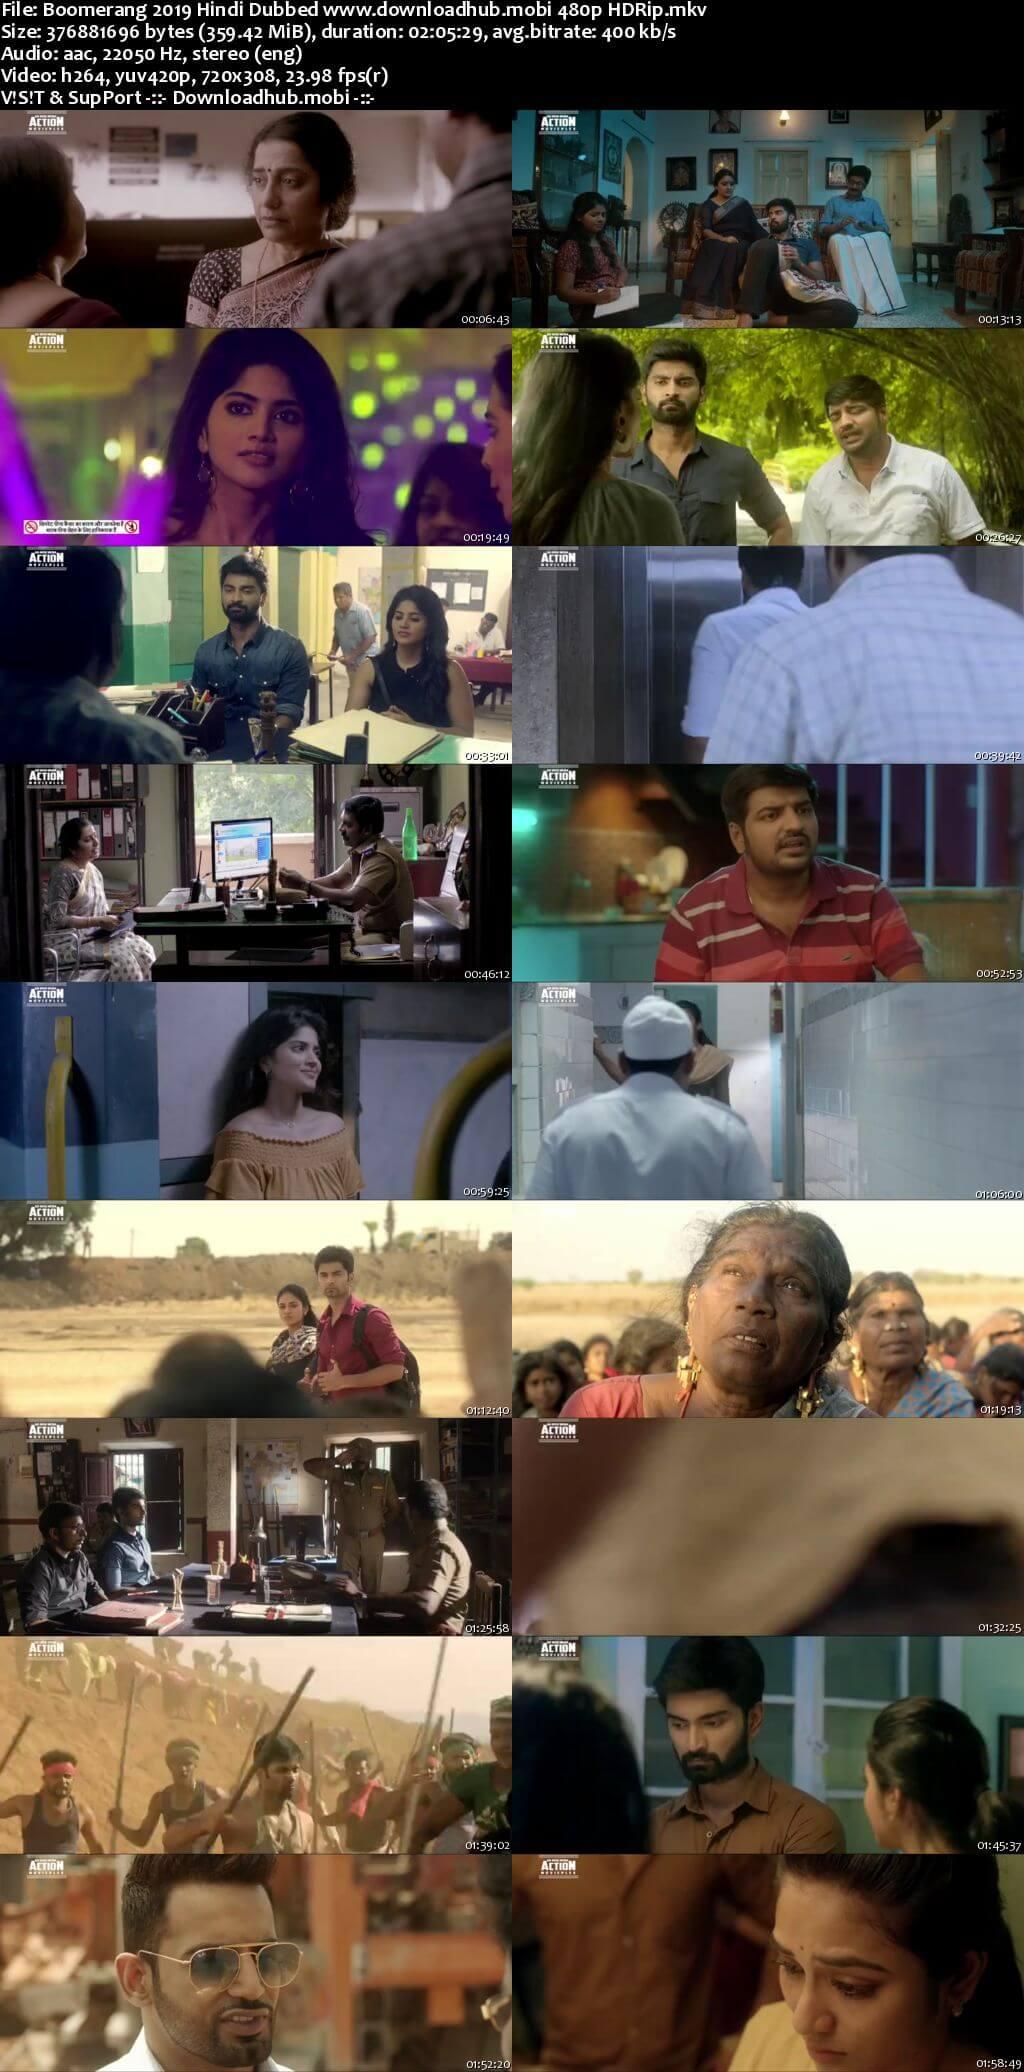 Boomerang 2019 Hindi Dubbed 350MB HDRip 480p